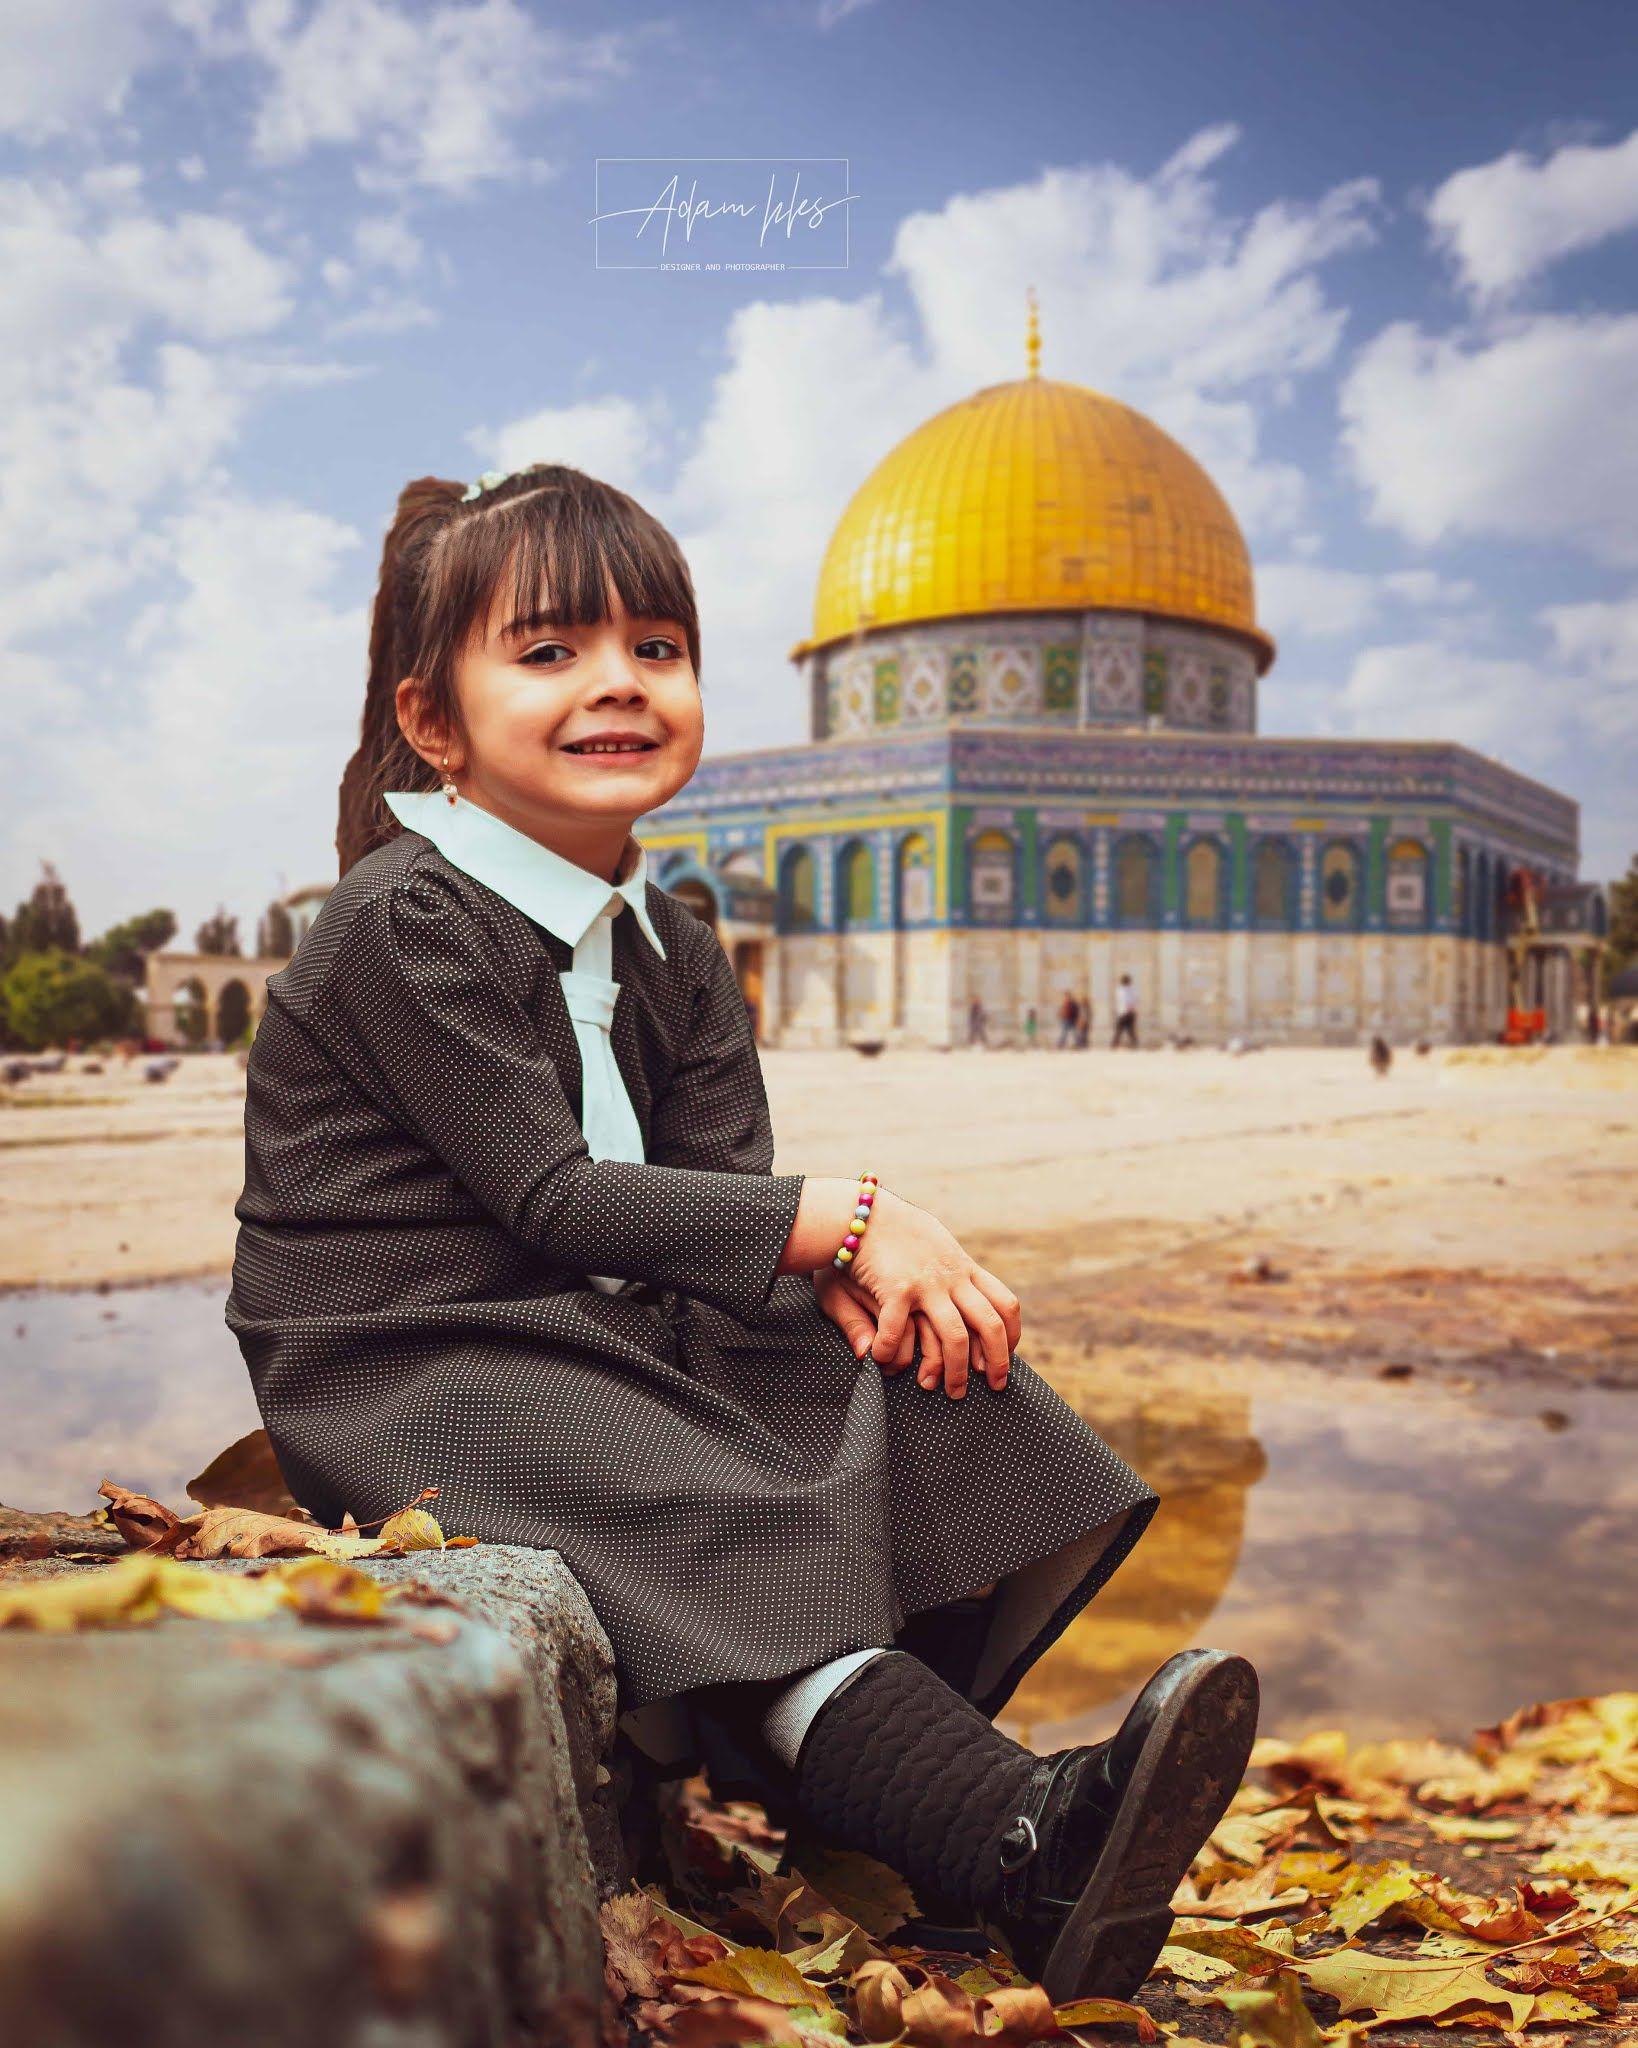 تحميل اجمل خلفية طفلة رائعة خلفيات اطفال في القدس - صور عالية الجودة in  2021   Girl, Landmarks, Taj mahal